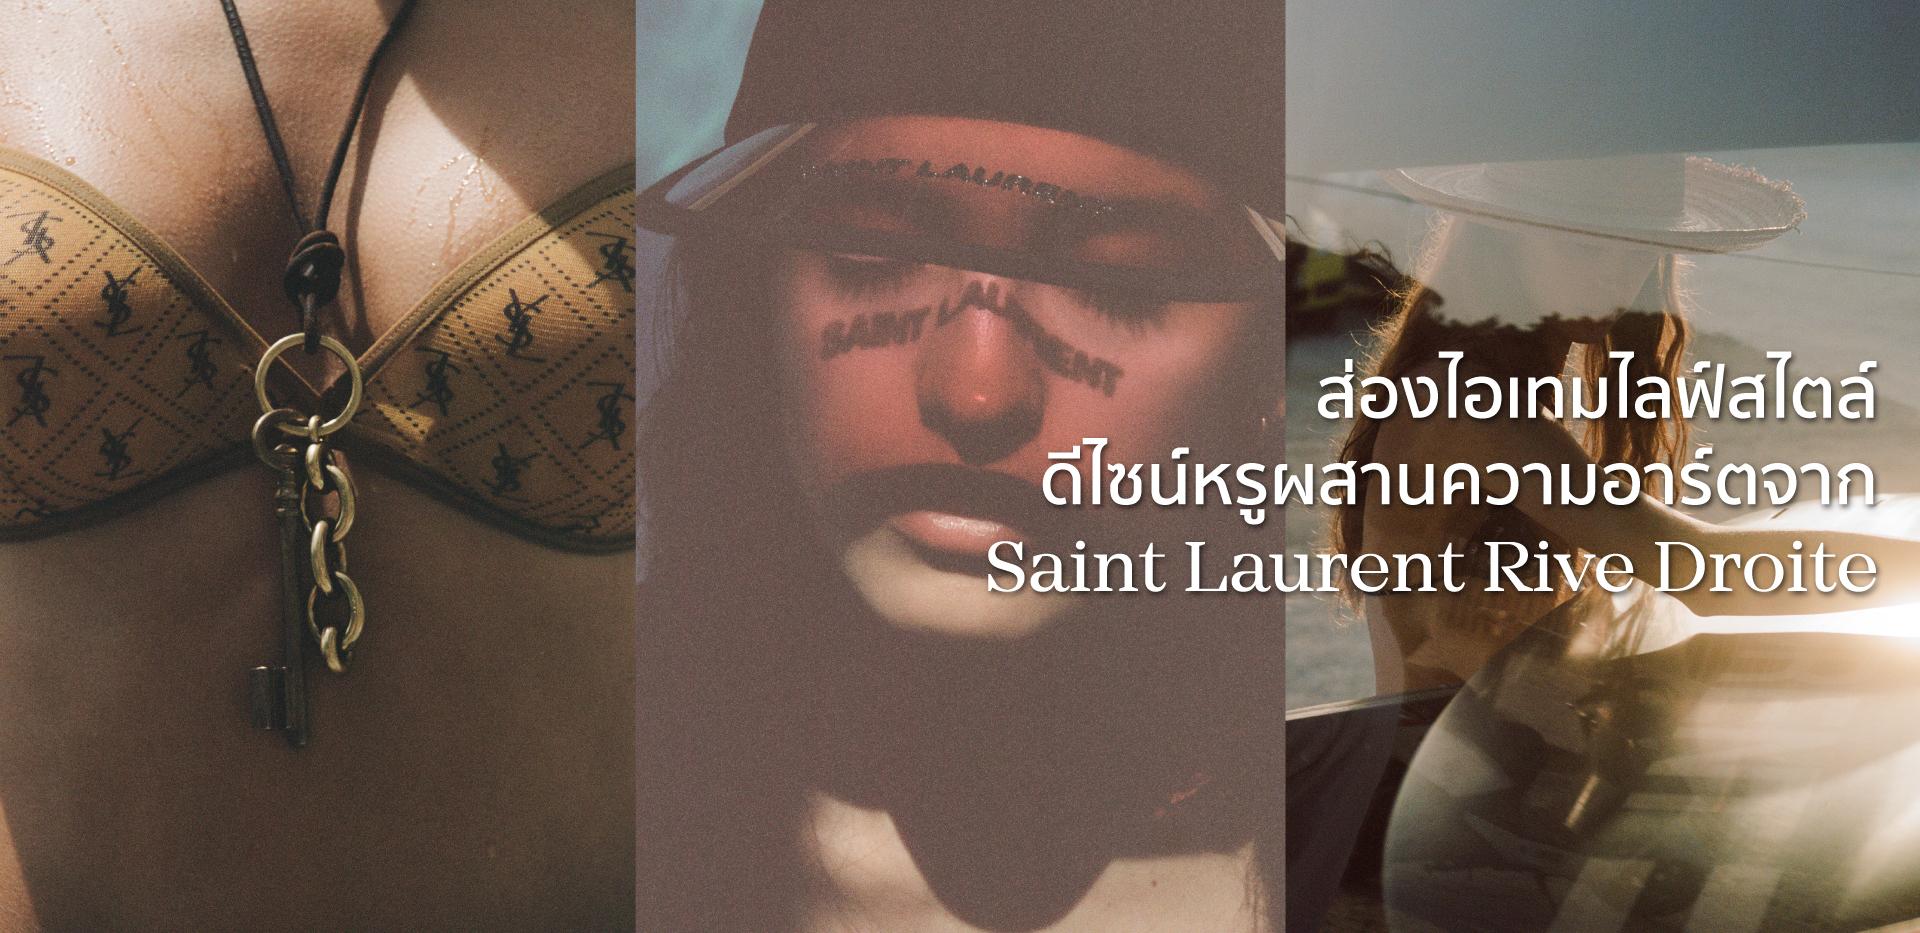 ส่องไอเทมไลฟสไตล์ ดีไซน์หรูผสานความอาร์ต จาก SaintLaurentRiveDroite